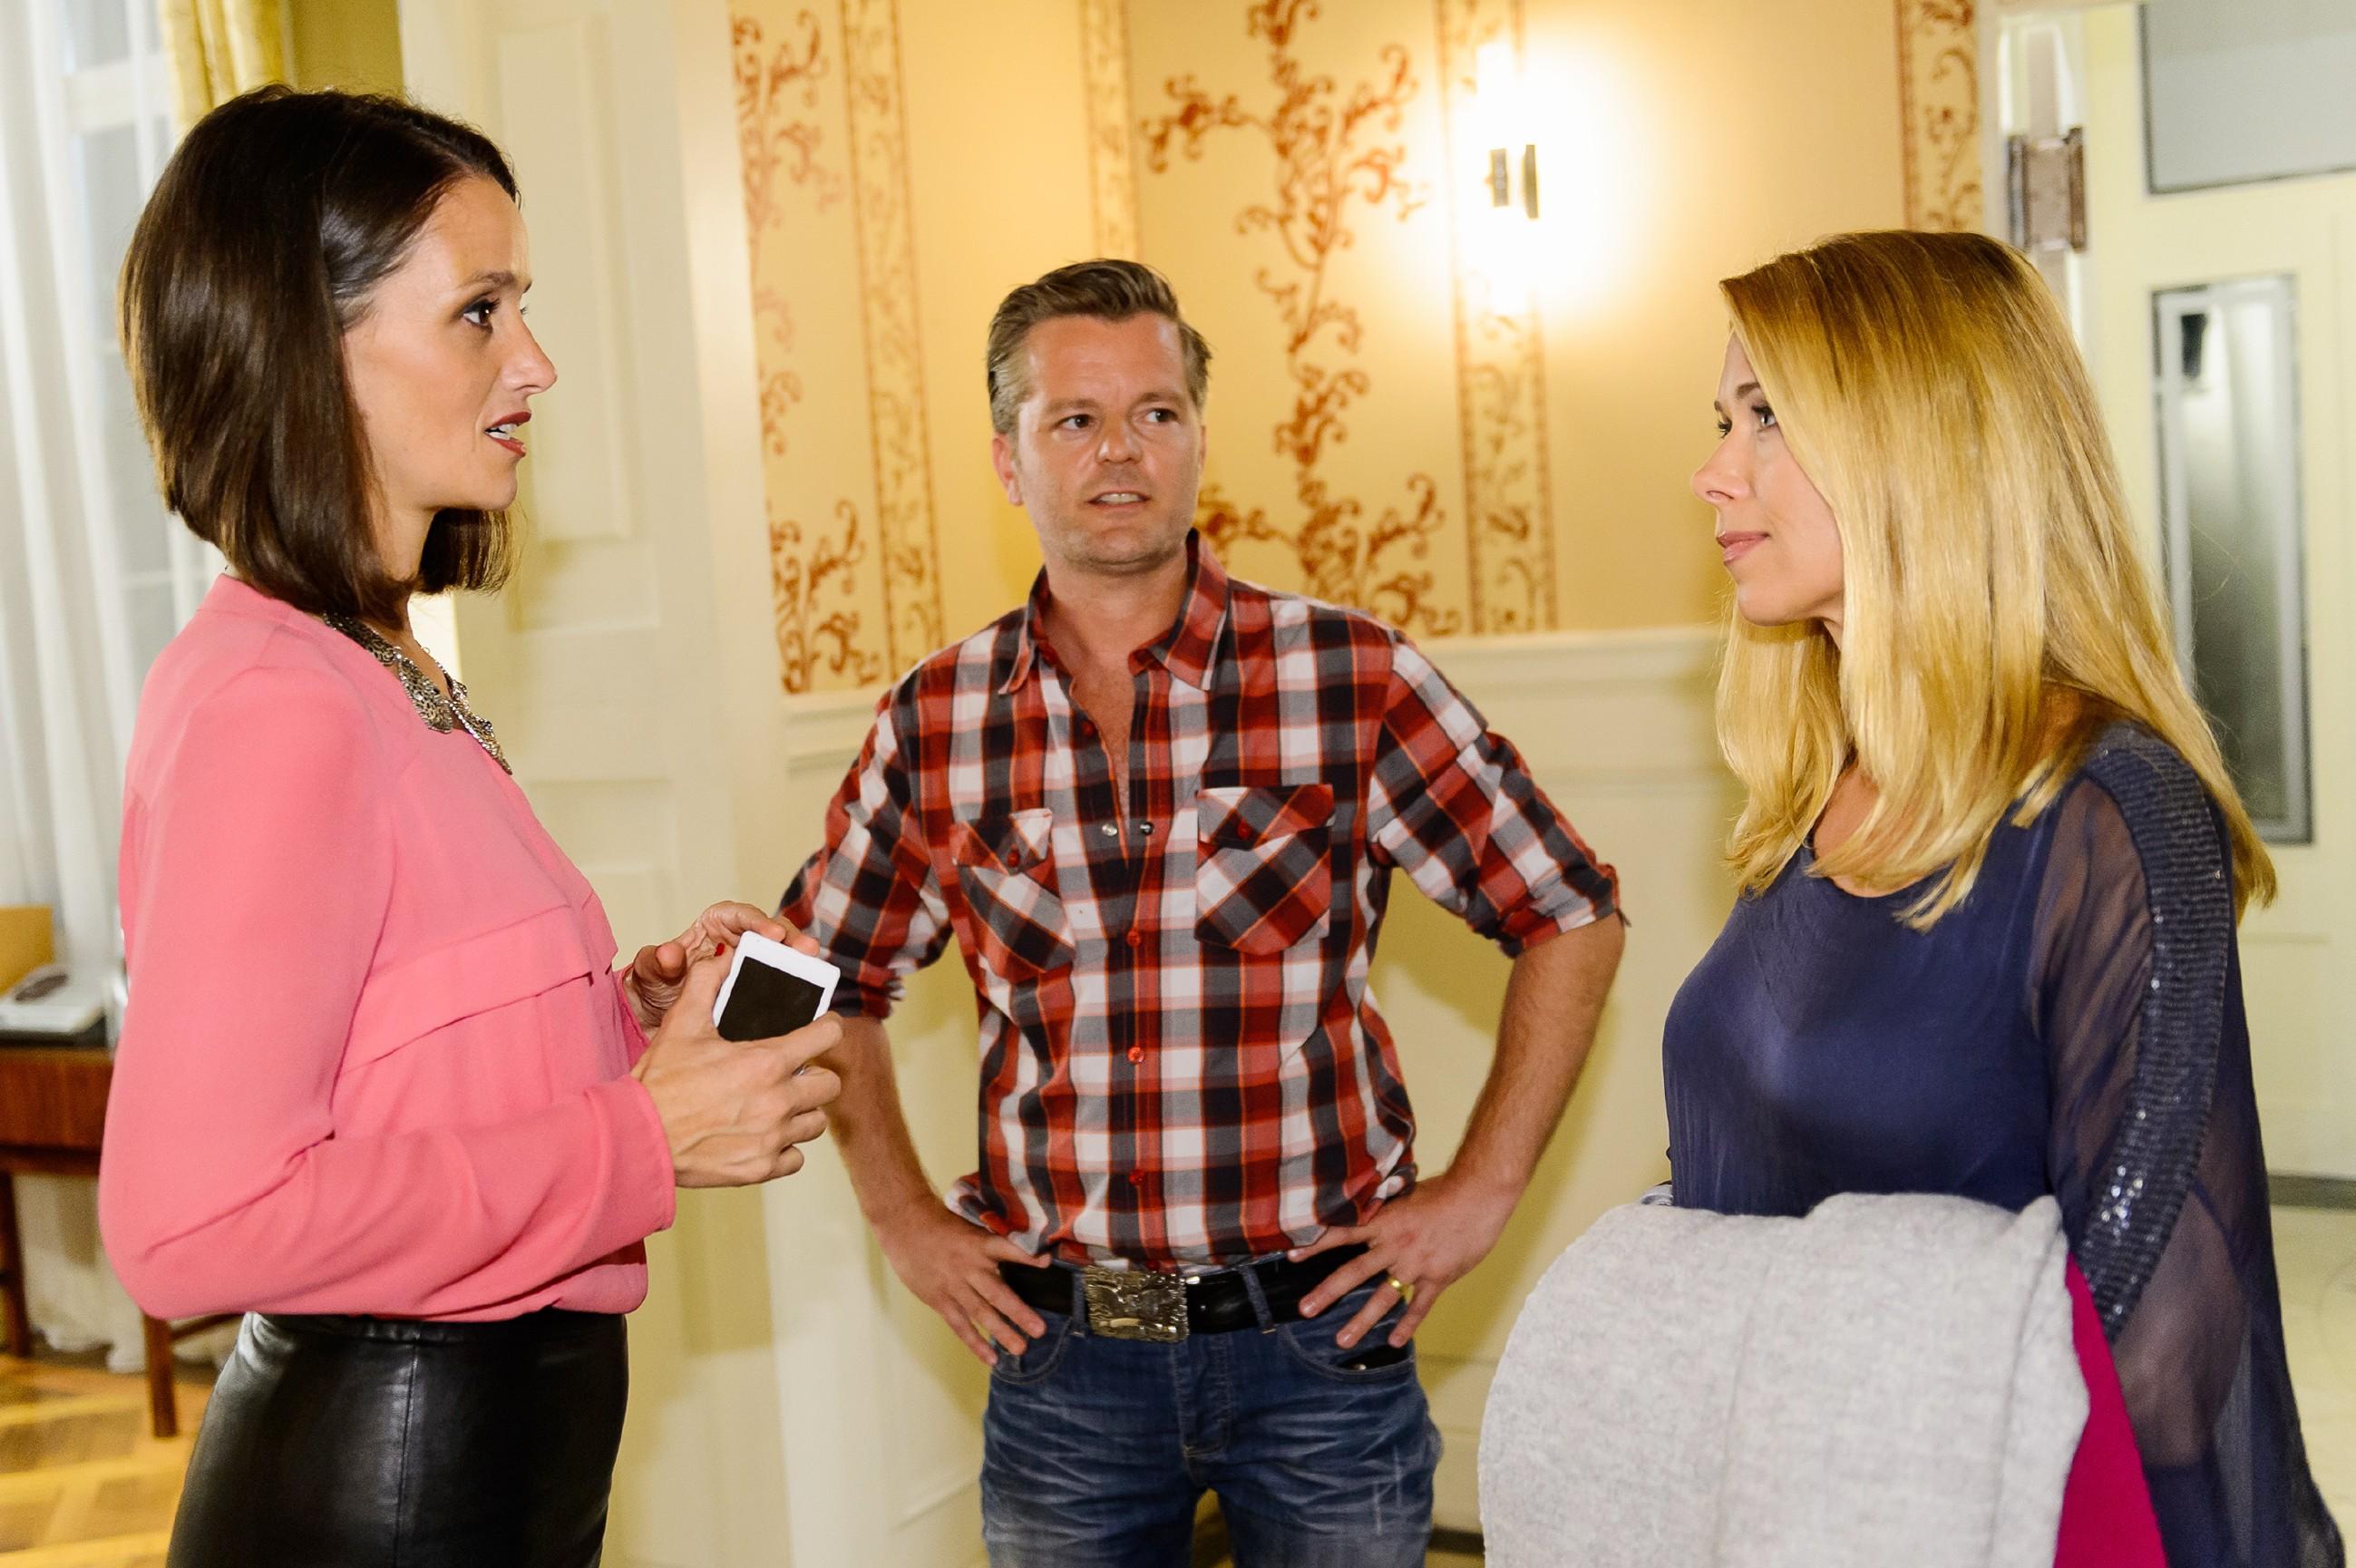 Gerade als Ingo (André Dietz) eine Gelegenheit bekommt, um mit Diana (Tanja Szewczenko, r.) zu sprechen, grätscht Jenny (Kaja Schmidt-Tychsen) dazwischen, die Diana mit dem Sex-Video von Marie erpresst... (Quelle: RTL / Willi Weber)